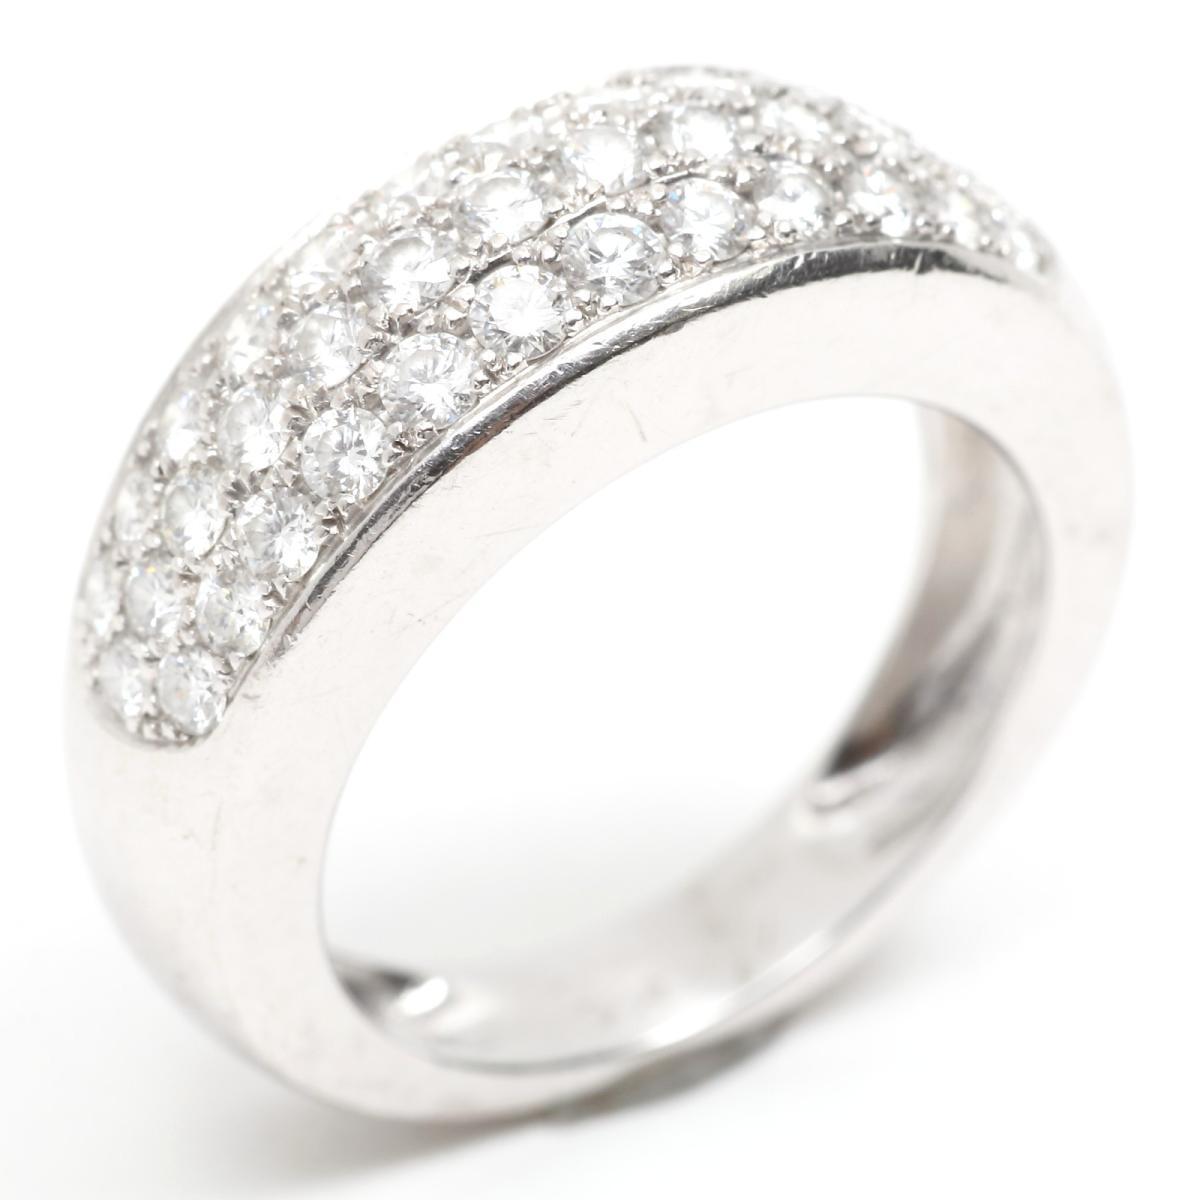 【中古】 ヴァンクリーフ&アーペル ダイヤモンド リング 指輪 レディース K18WG (750) ホワイトゴールド x | Van Cleef & Arpels BRANDOFF ブランドオフ ブランド ジュエリー アクセサリー